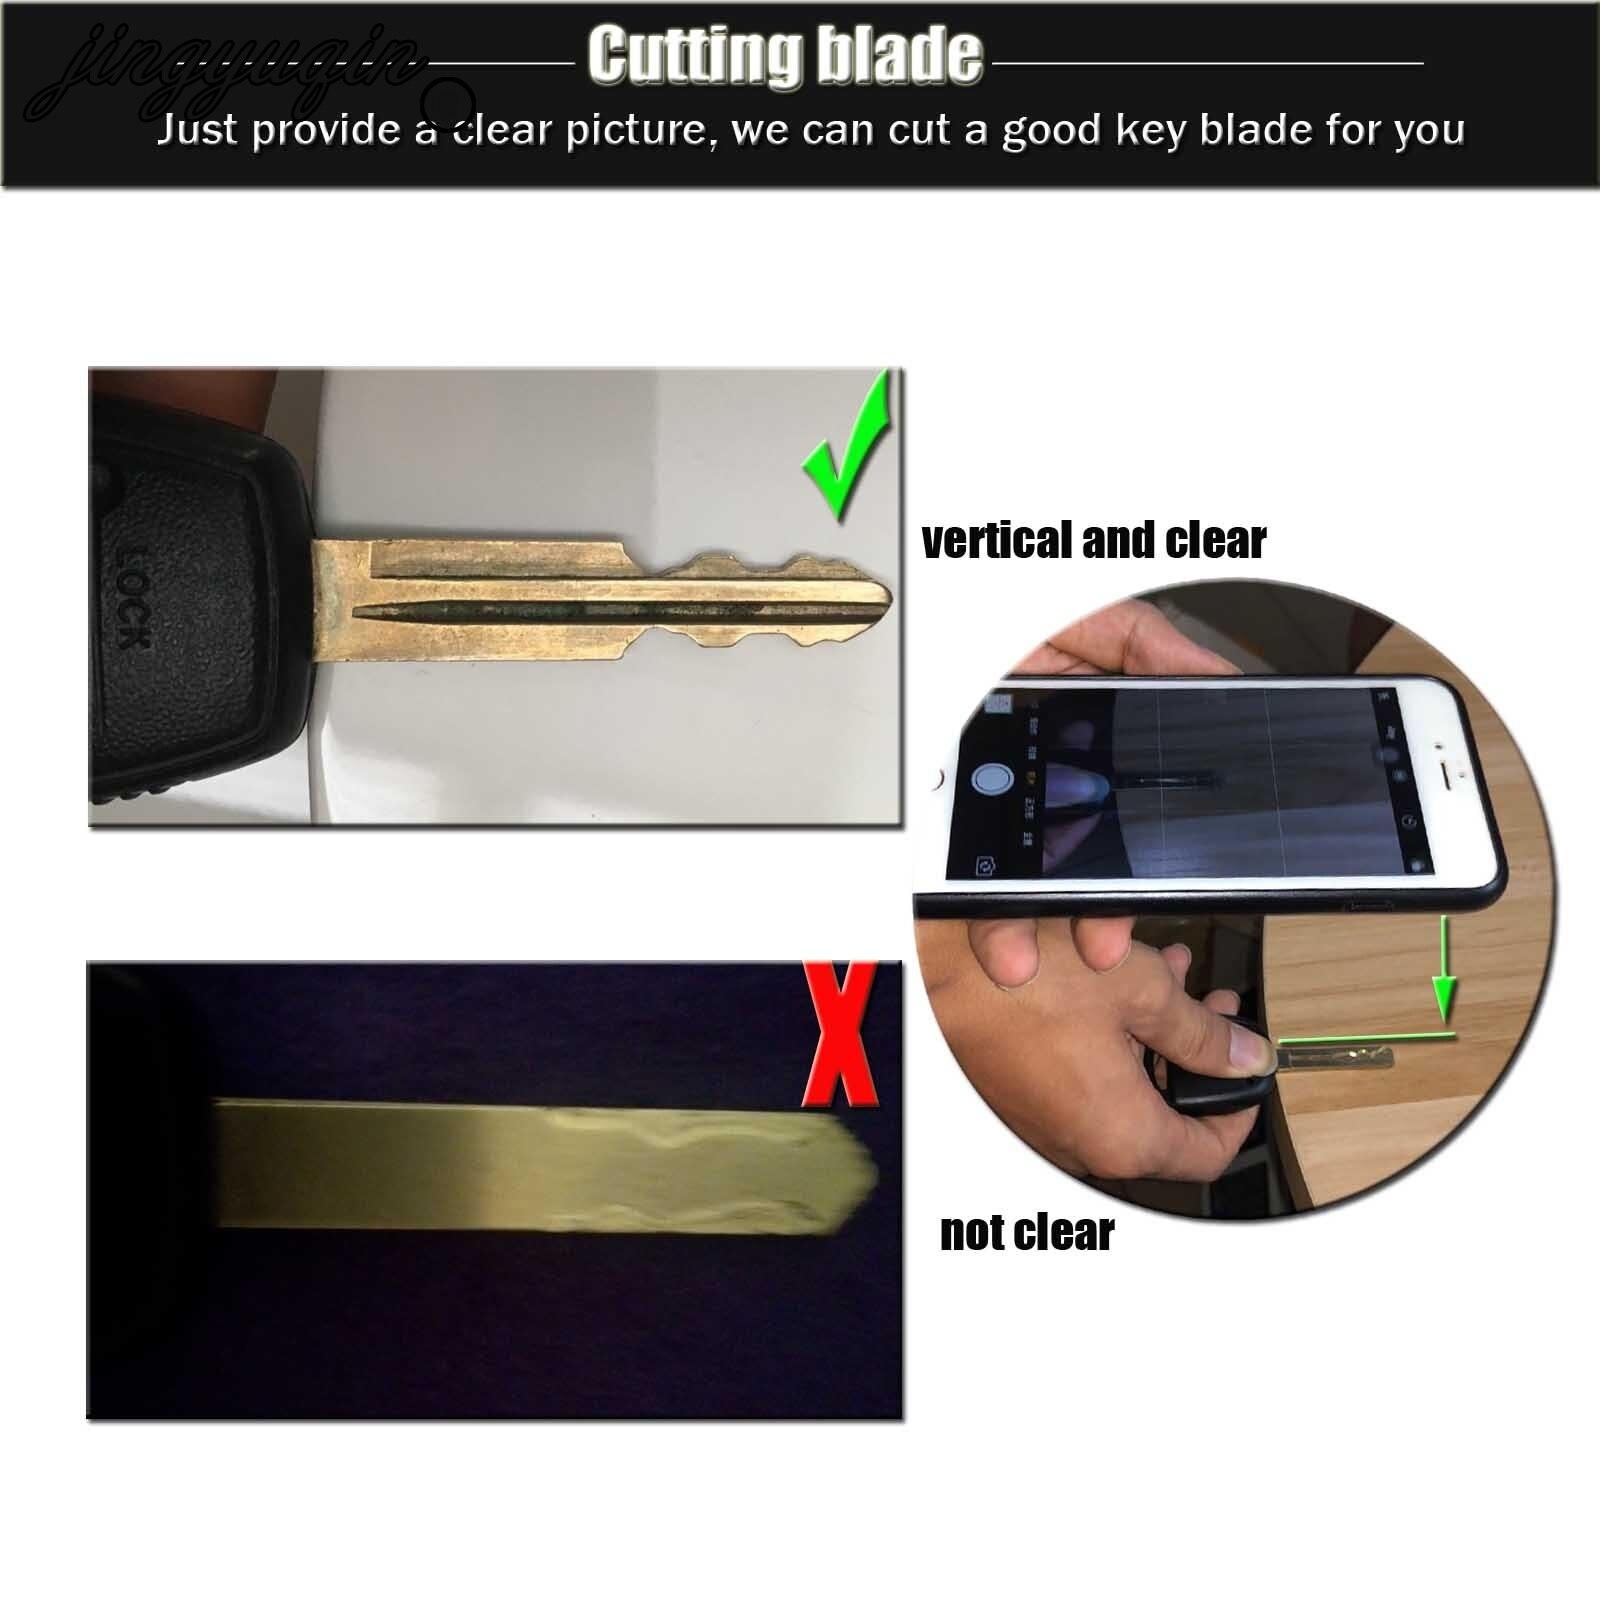 Услуги обработки jingyuqin для резки ЧПУ заготовки режущего ключа лезвия плоского фрезерования пожалуйста свяжитесь с нами перед покупкой